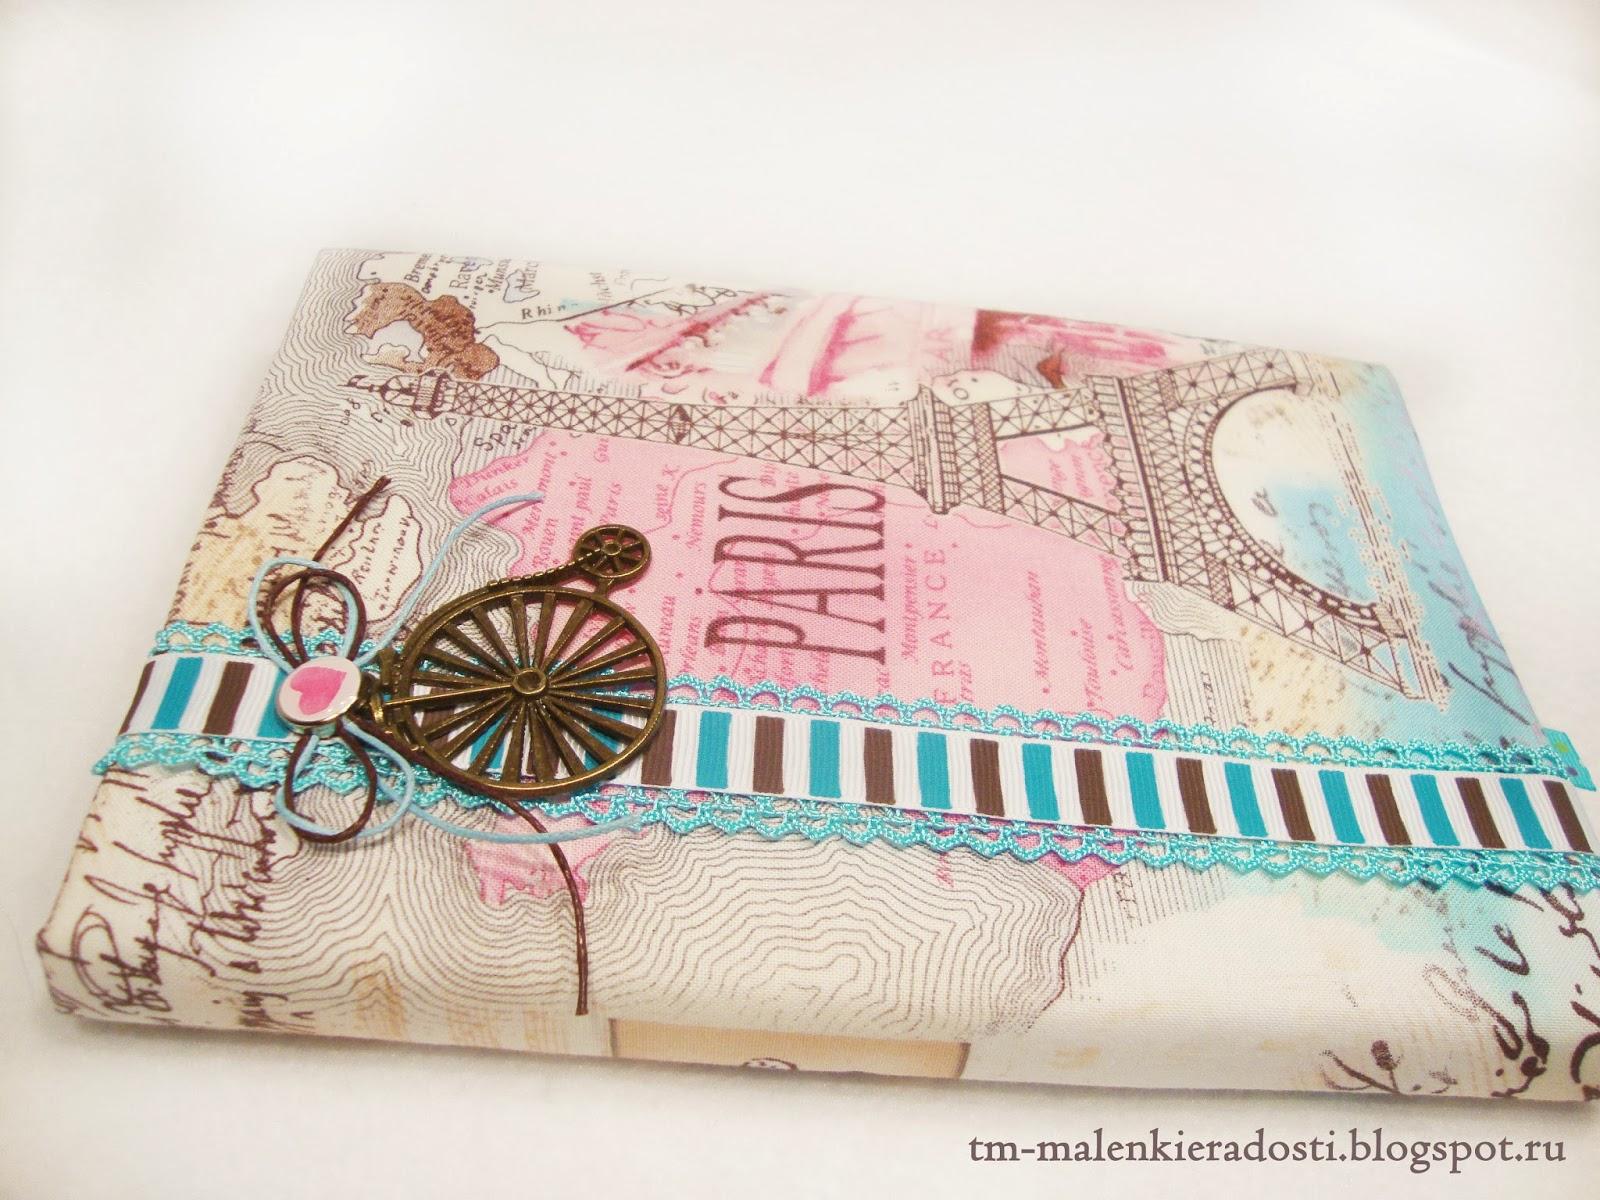 Текстильный блокнот Париж. Ручная работа.